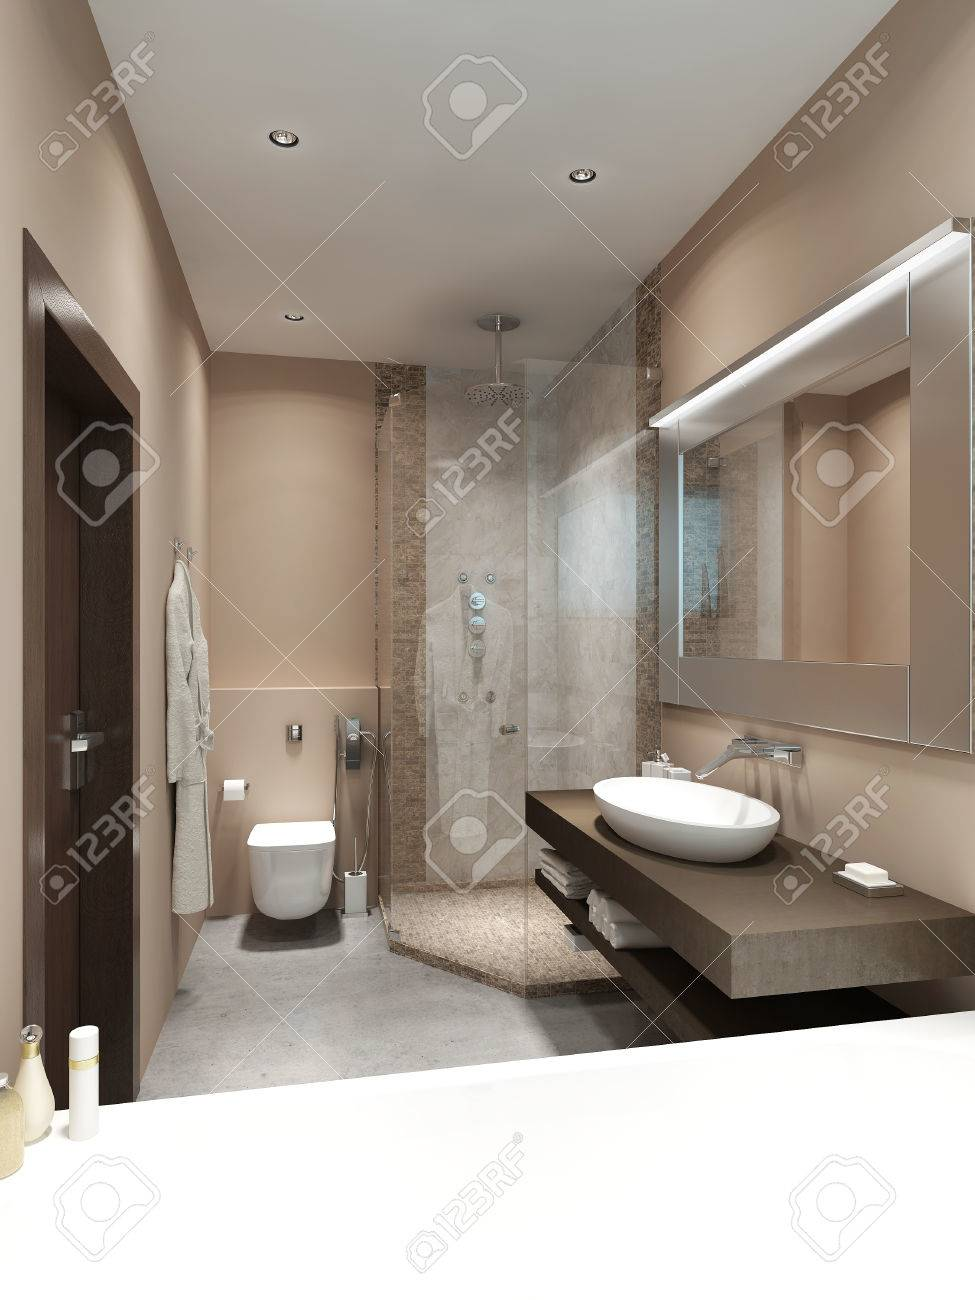 Design dans les salles de bains de style contemporain. Avec douche et  mosaïque sur les murs. Couleurs marron et beige. Rendu 3D.